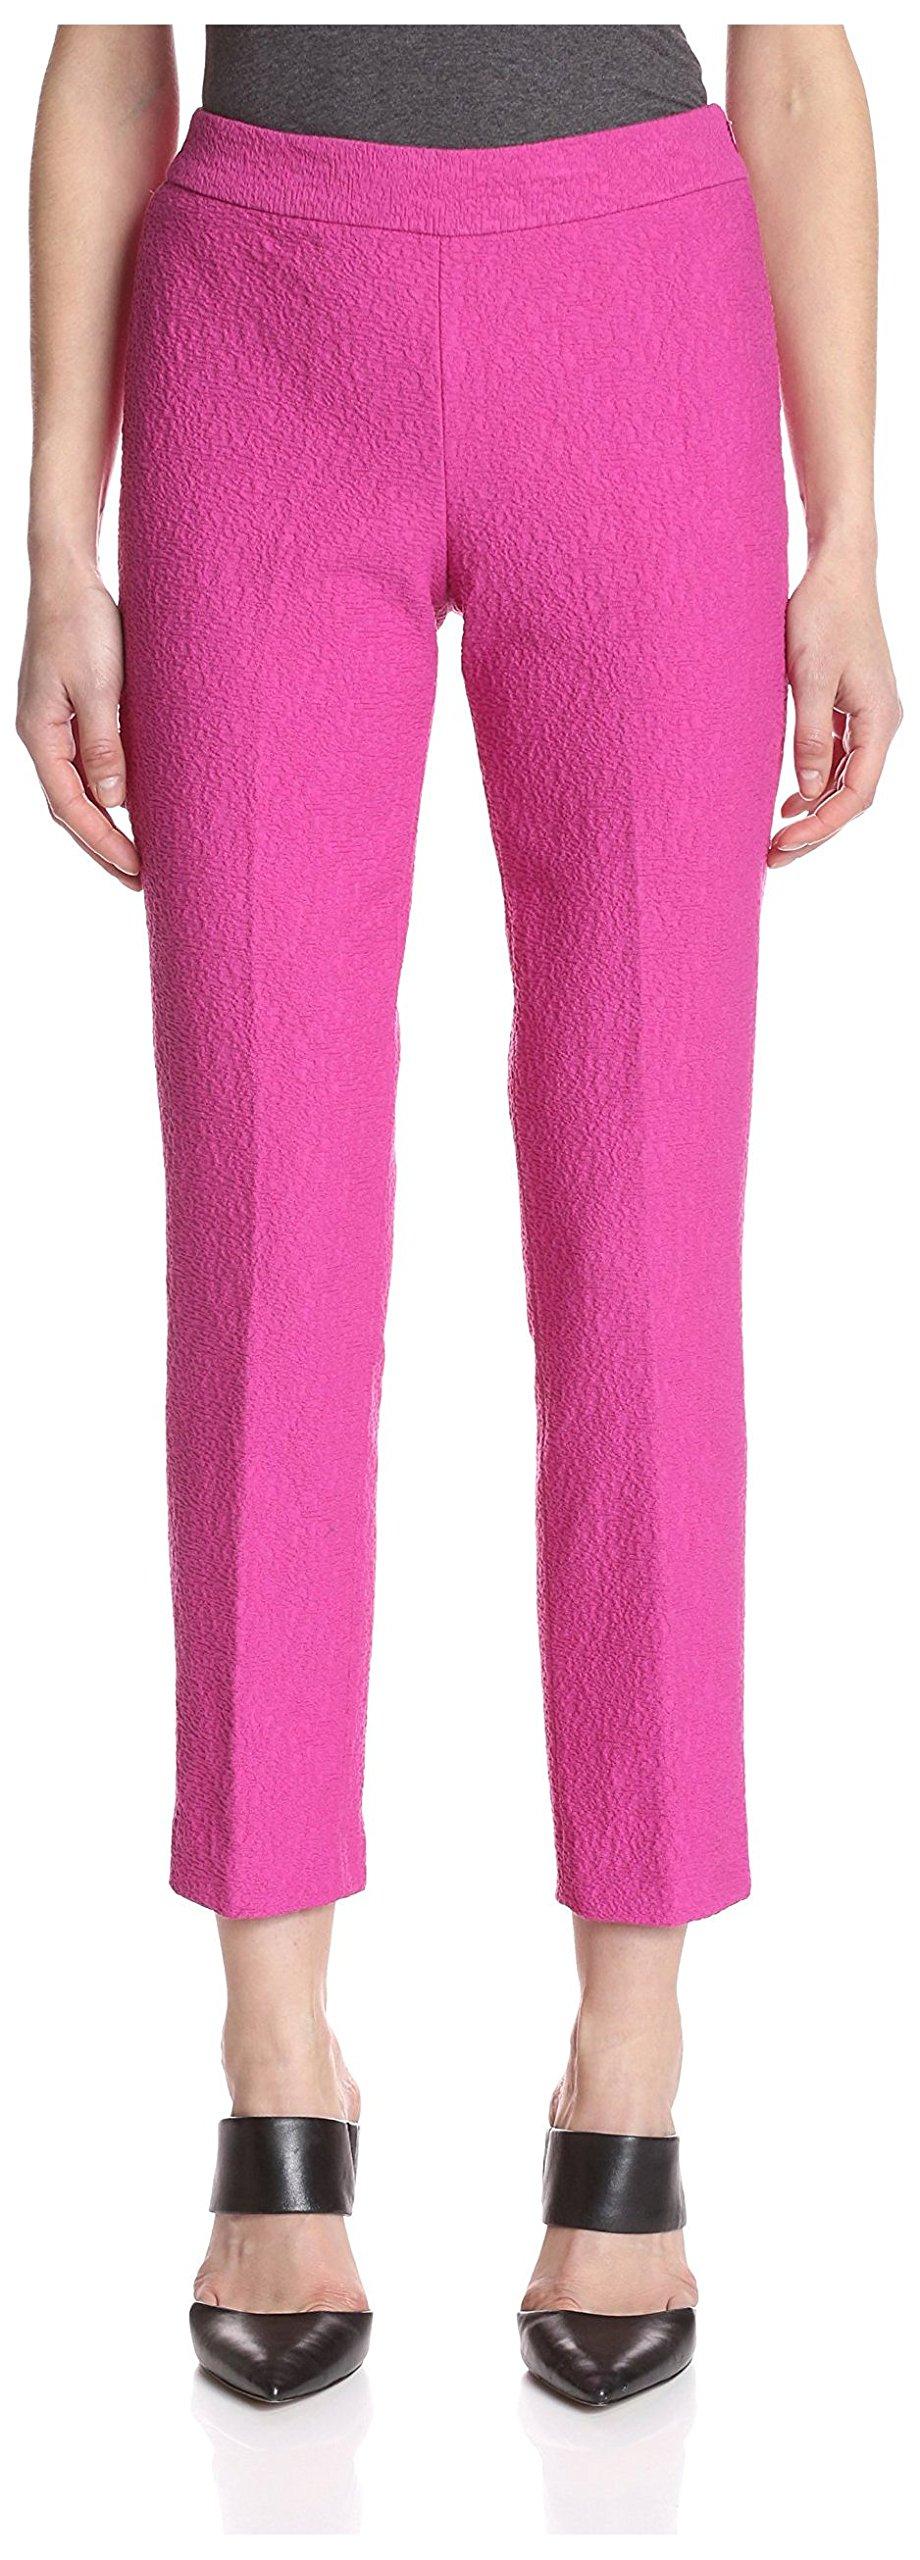 Natori Women's Pant, Pink, 2 US